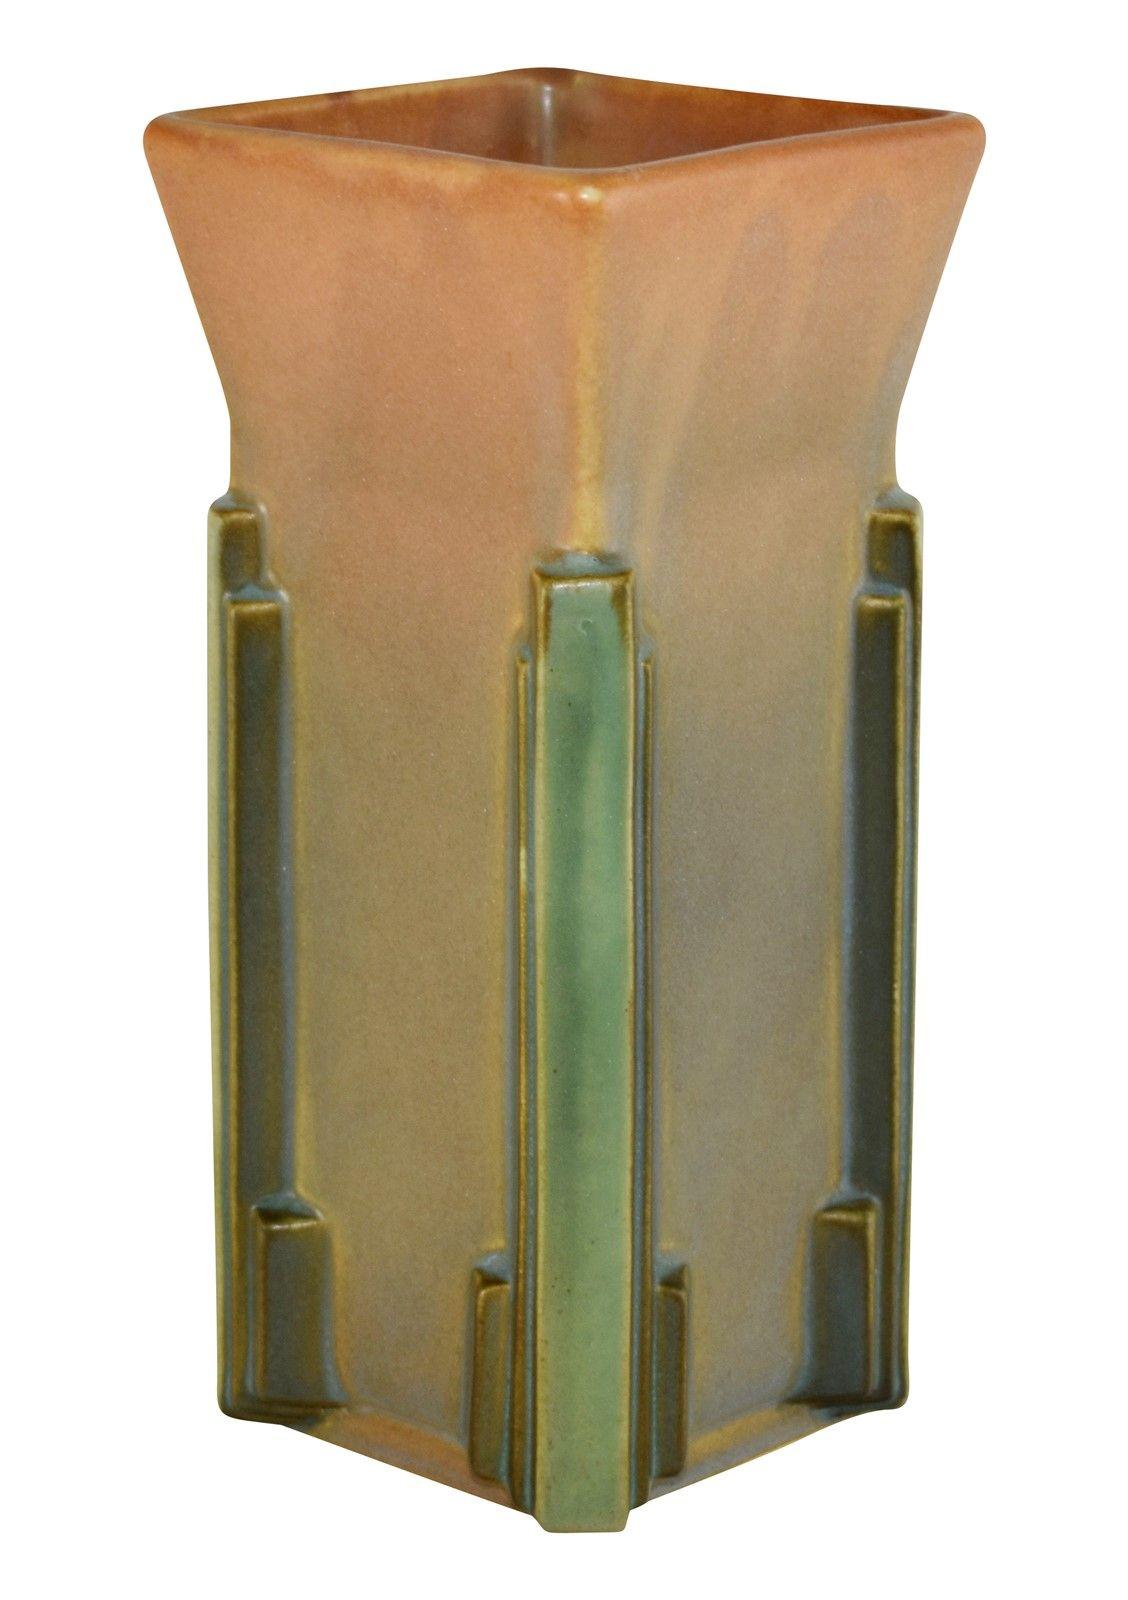 Roseville Pottery Futura Milk Carton Vase 402 8 Pottery Art Roseville Pottery Pottery